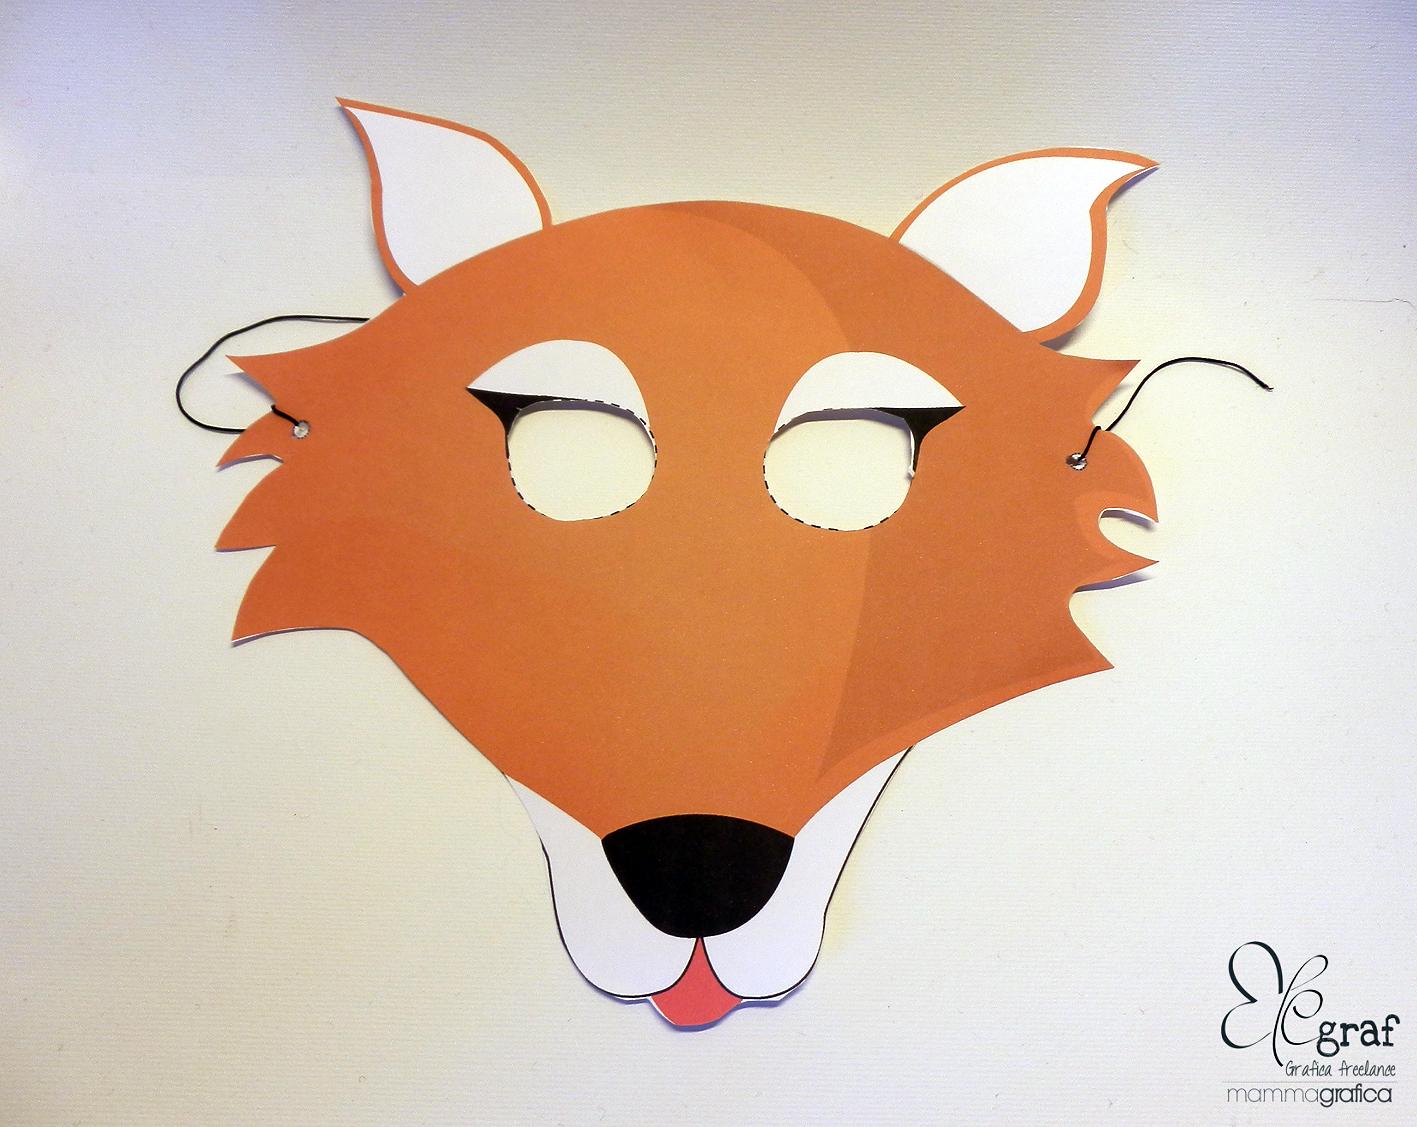 Elegraf grafica freelance la maschera da volpe e i carri